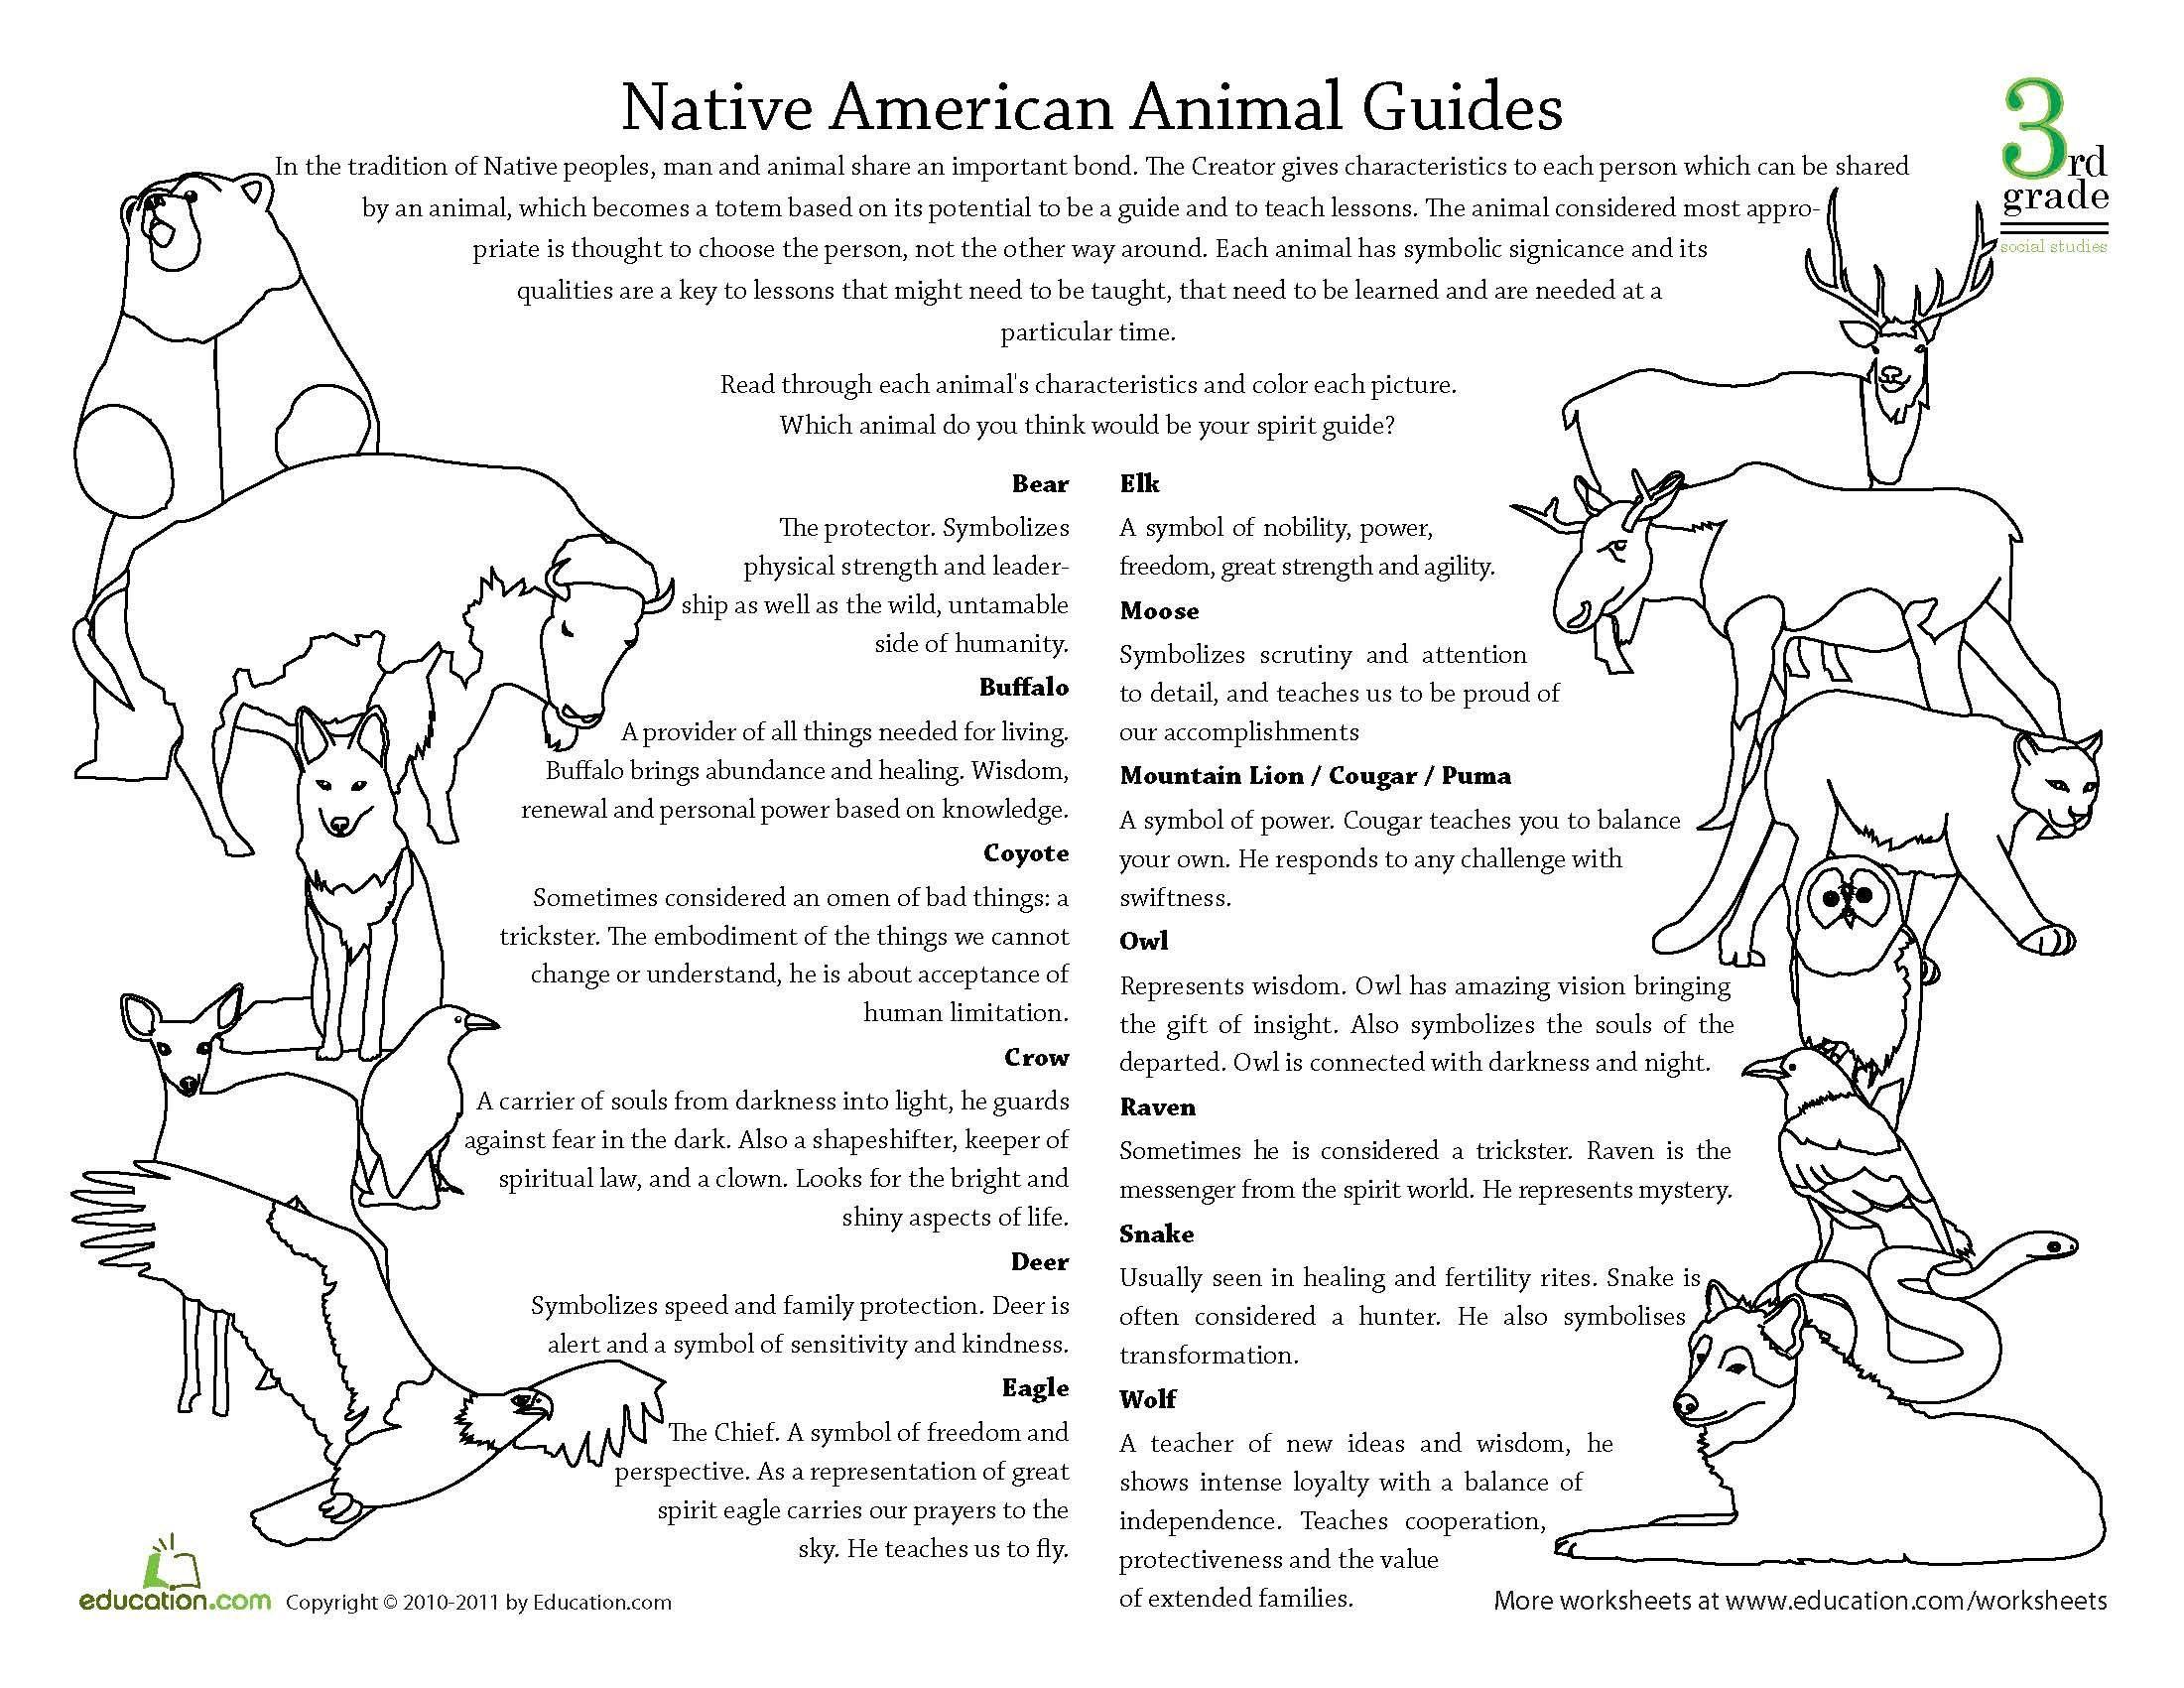 Nativeamericananimalguides